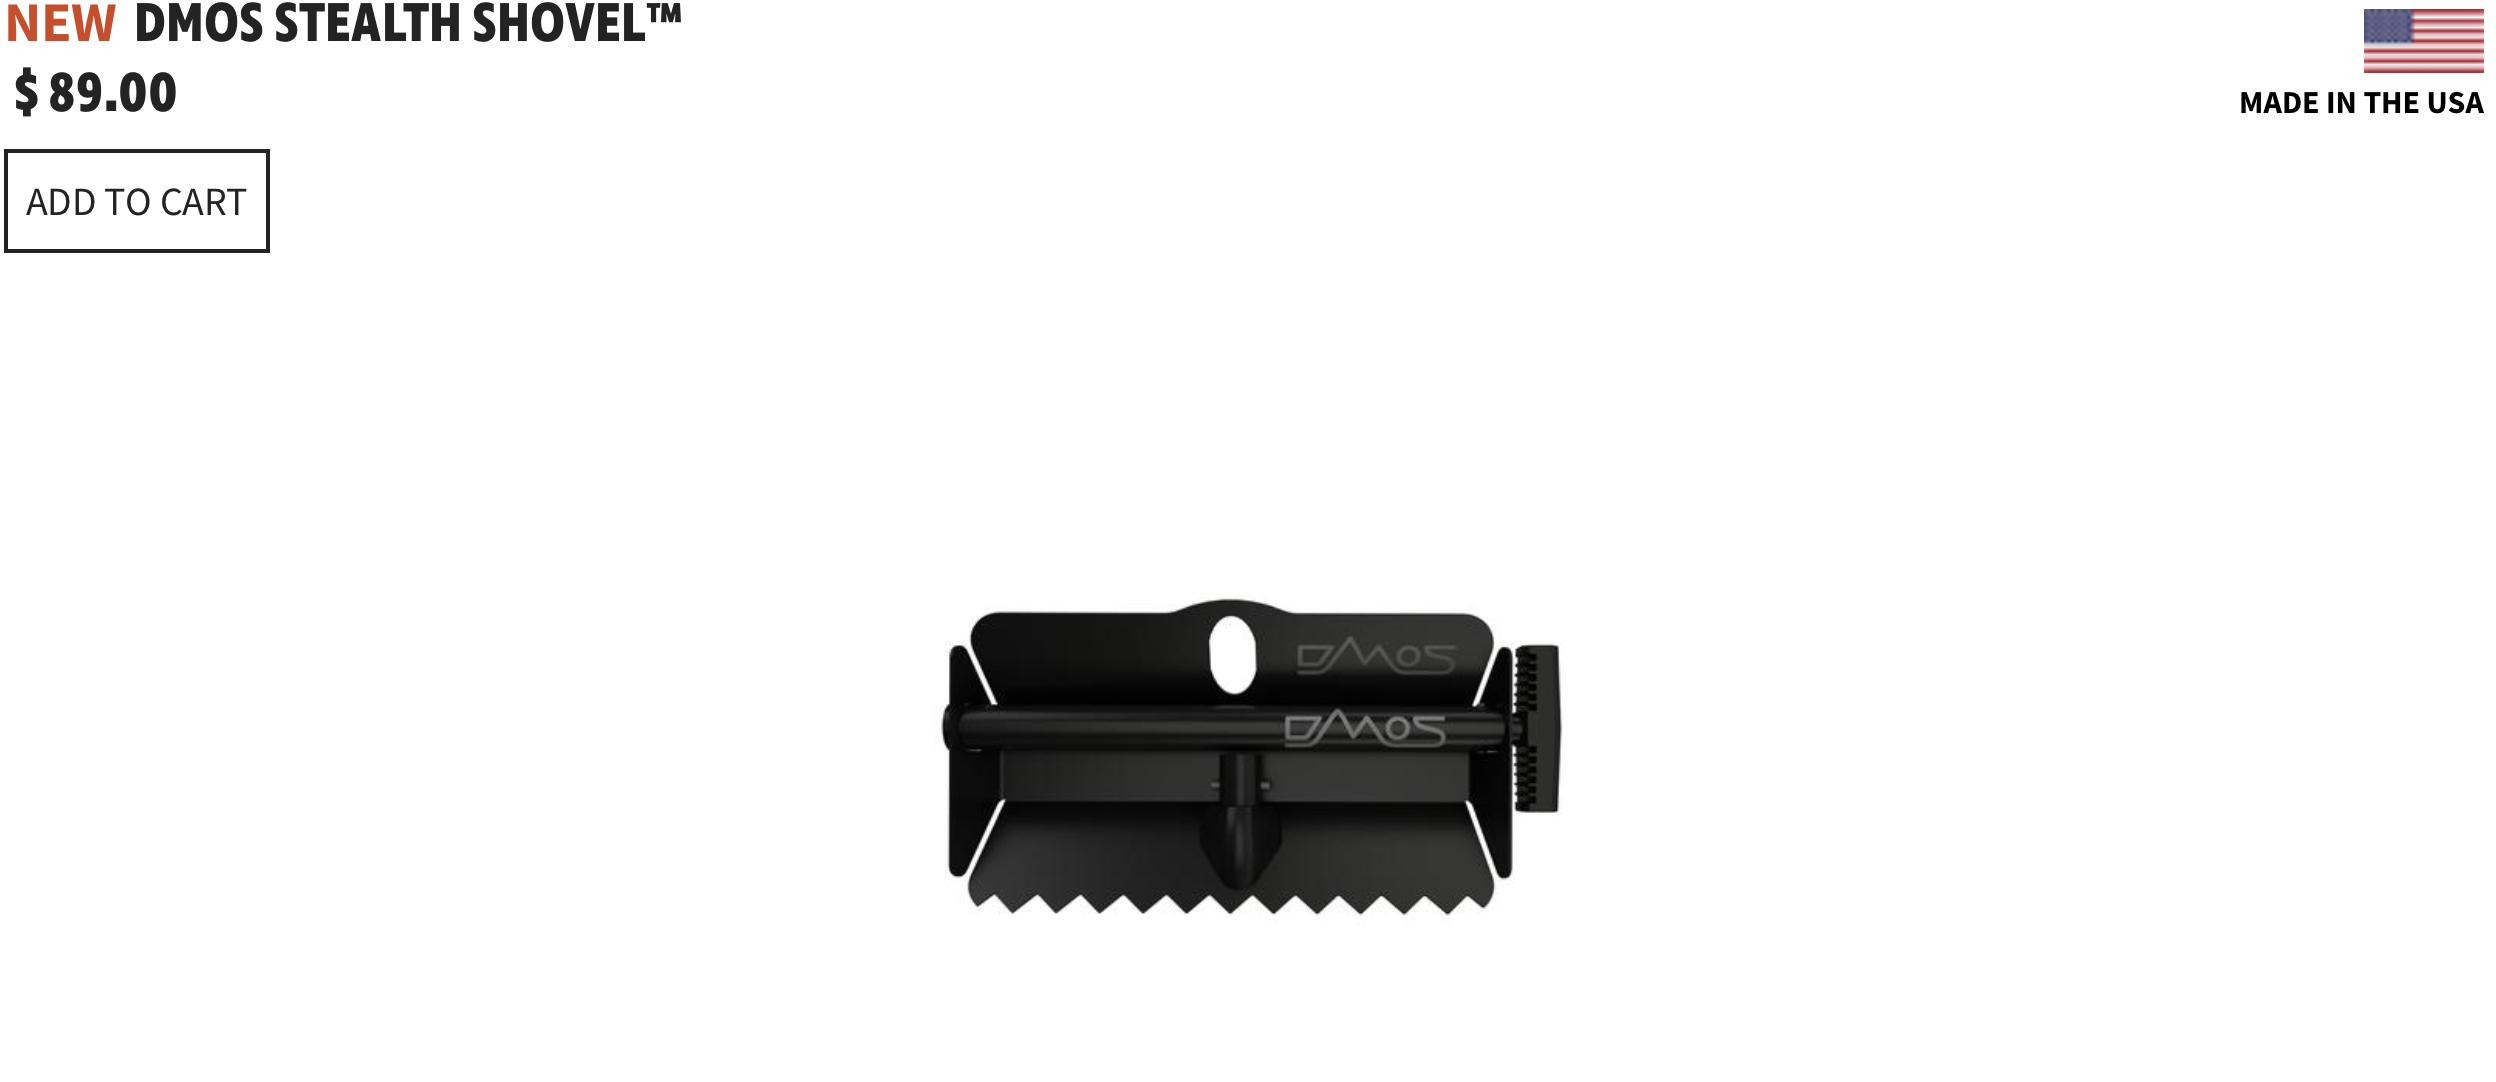 Dmos Collective Stealth Shovel